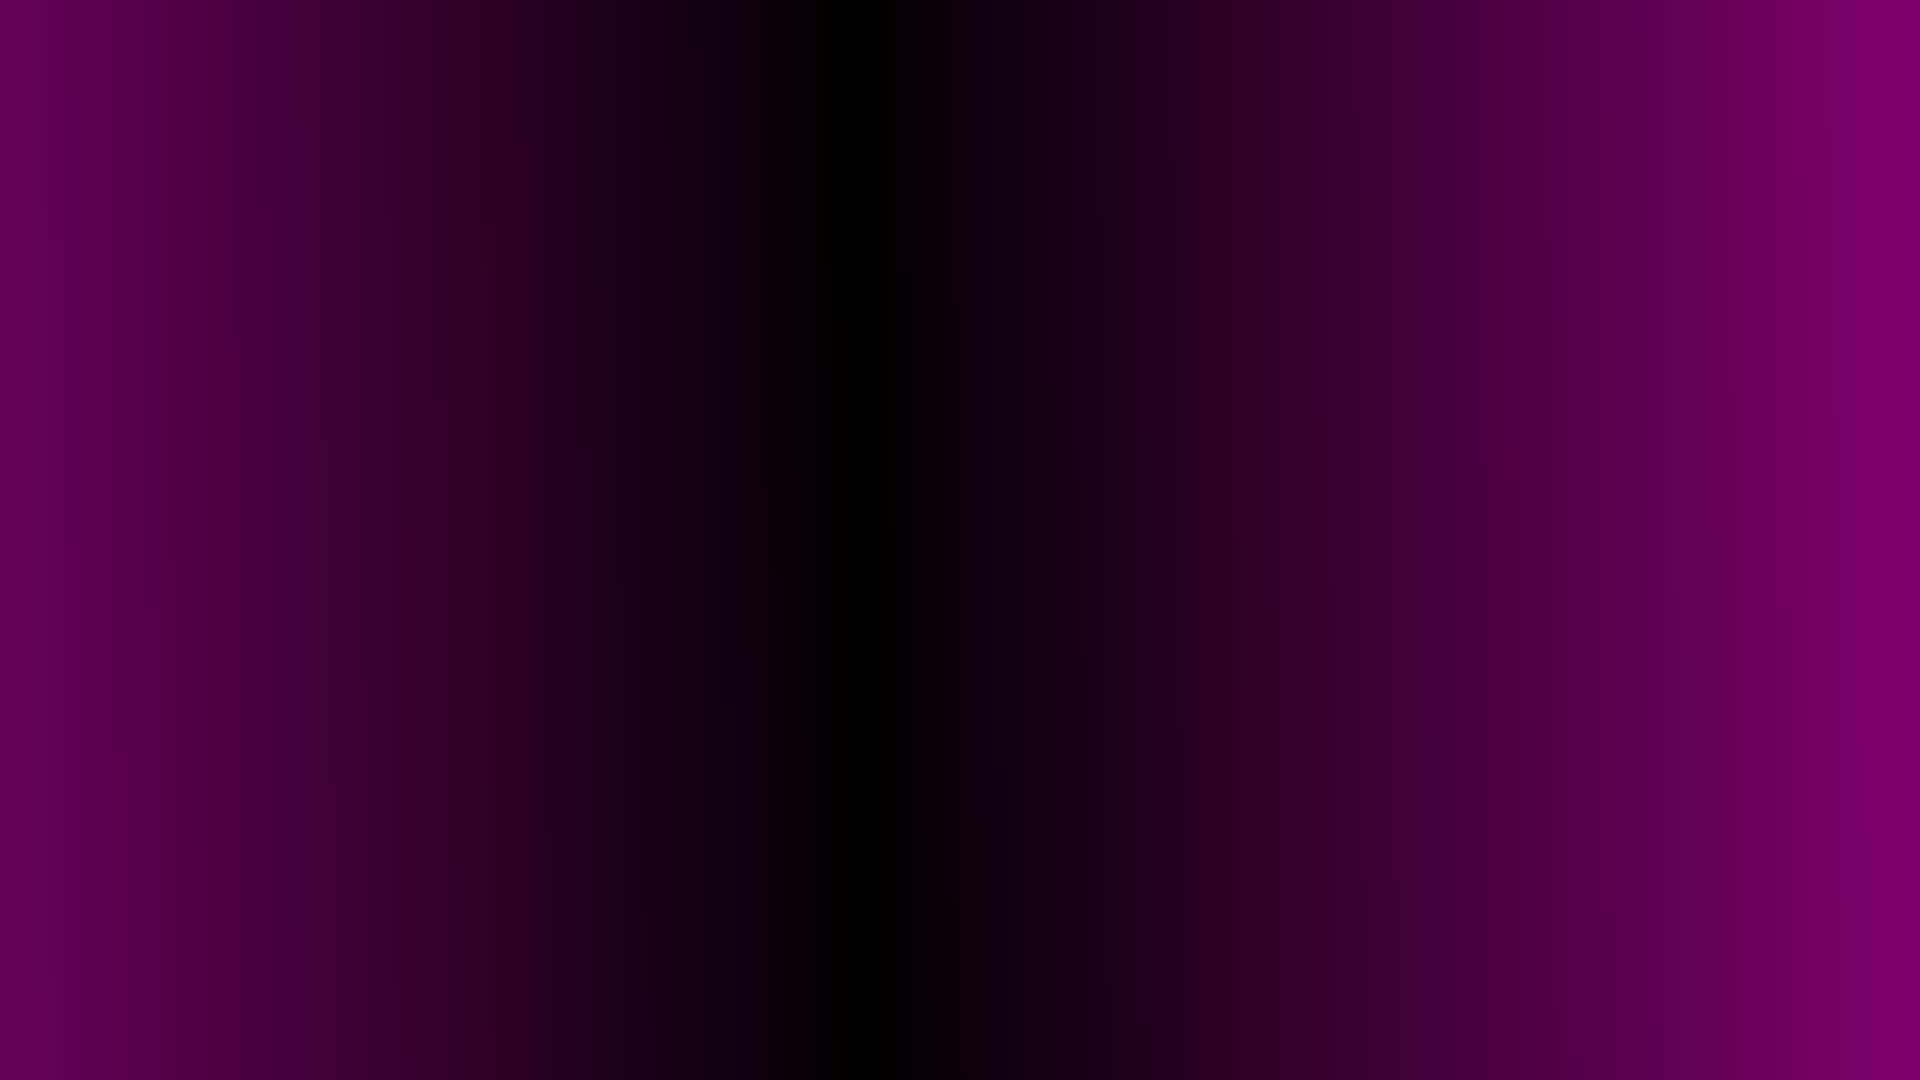 Pink And Black Wallpaper Images 1 Desktop Background ...